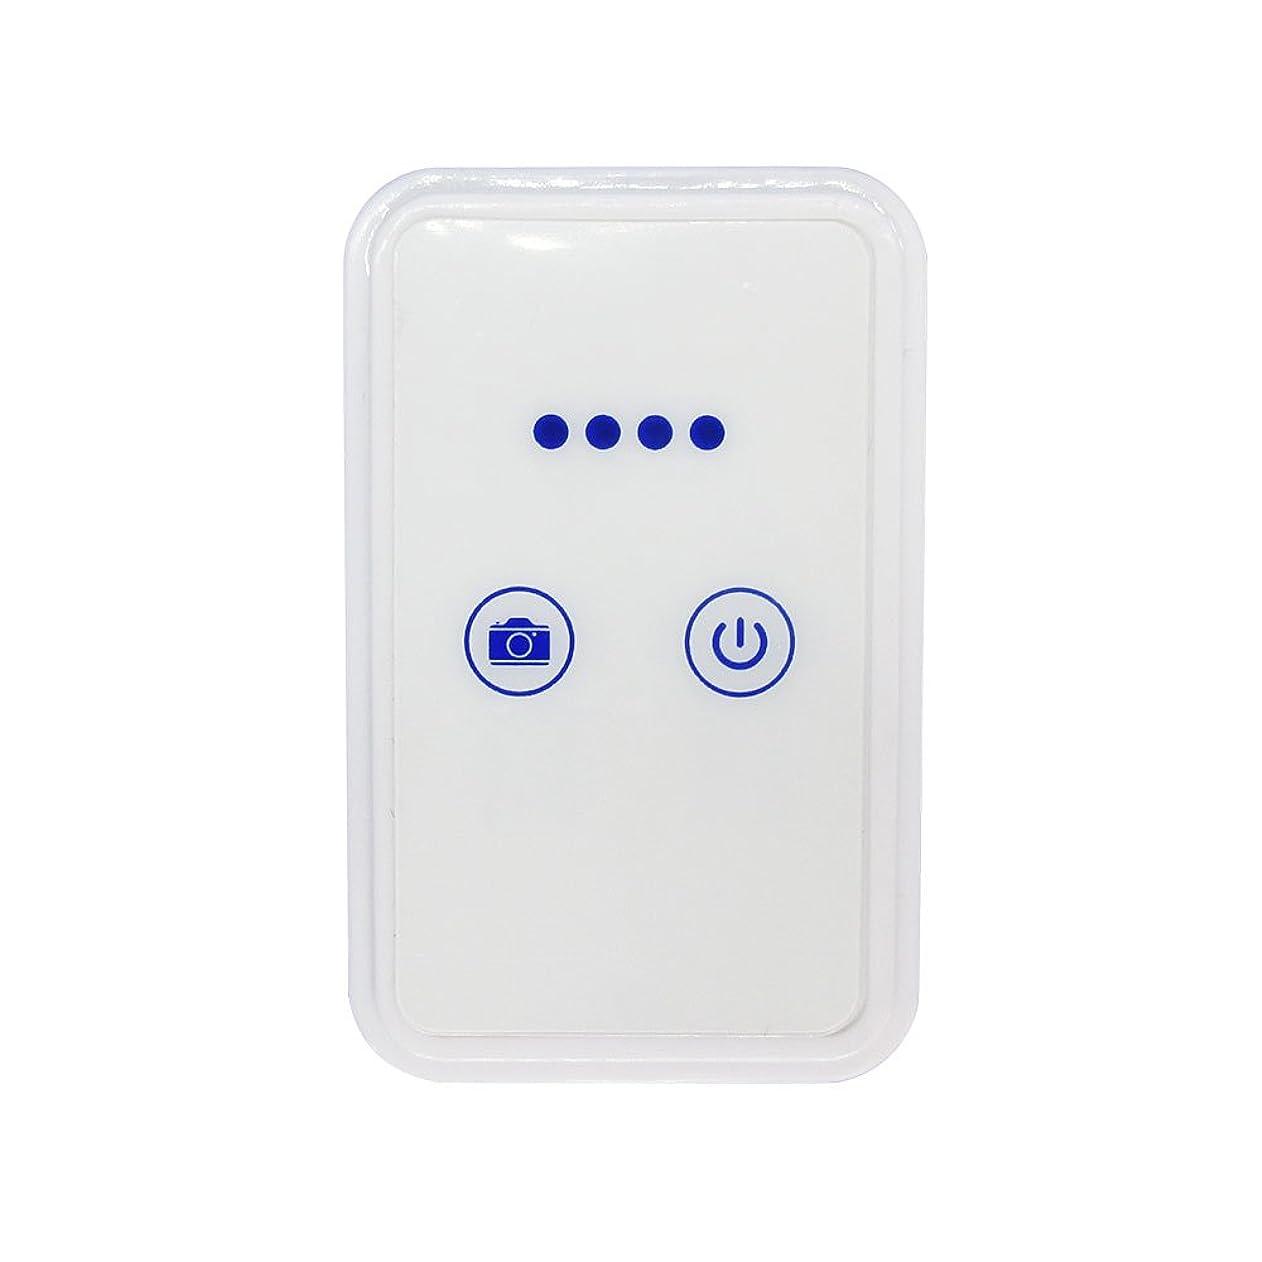 助けになるマットレスマーク【マイクロスコープカメラの映像をWindows、Android、iOS製品に無線表示】ワイヤレスボックス